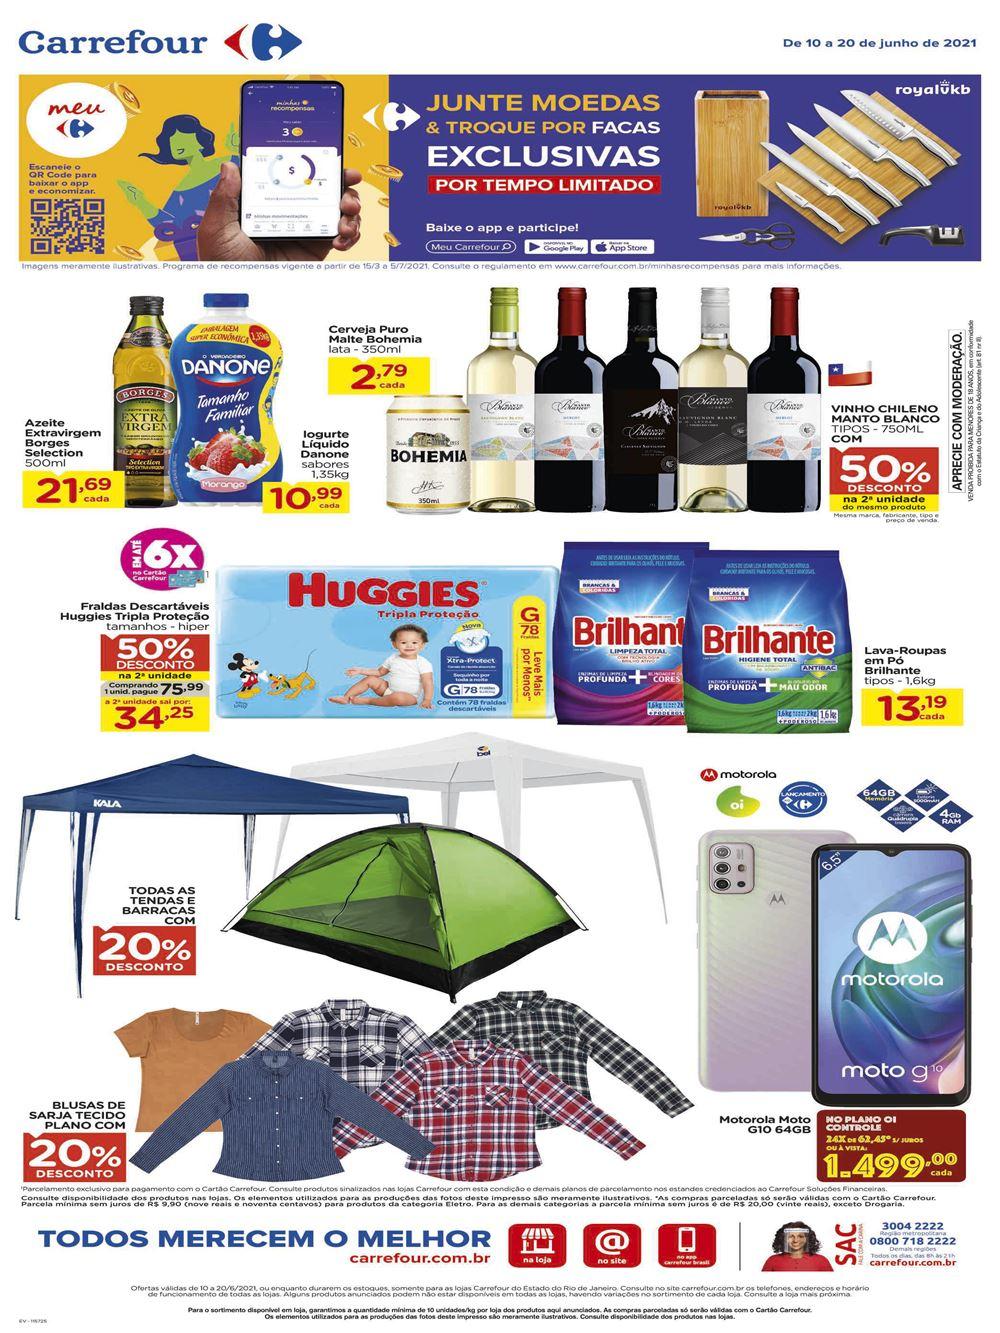 carrefour-ofertas-descontos-hoje3-19 Folheto Meu Carrefour com mais de 100 ofertas até 20 de Junho: confira